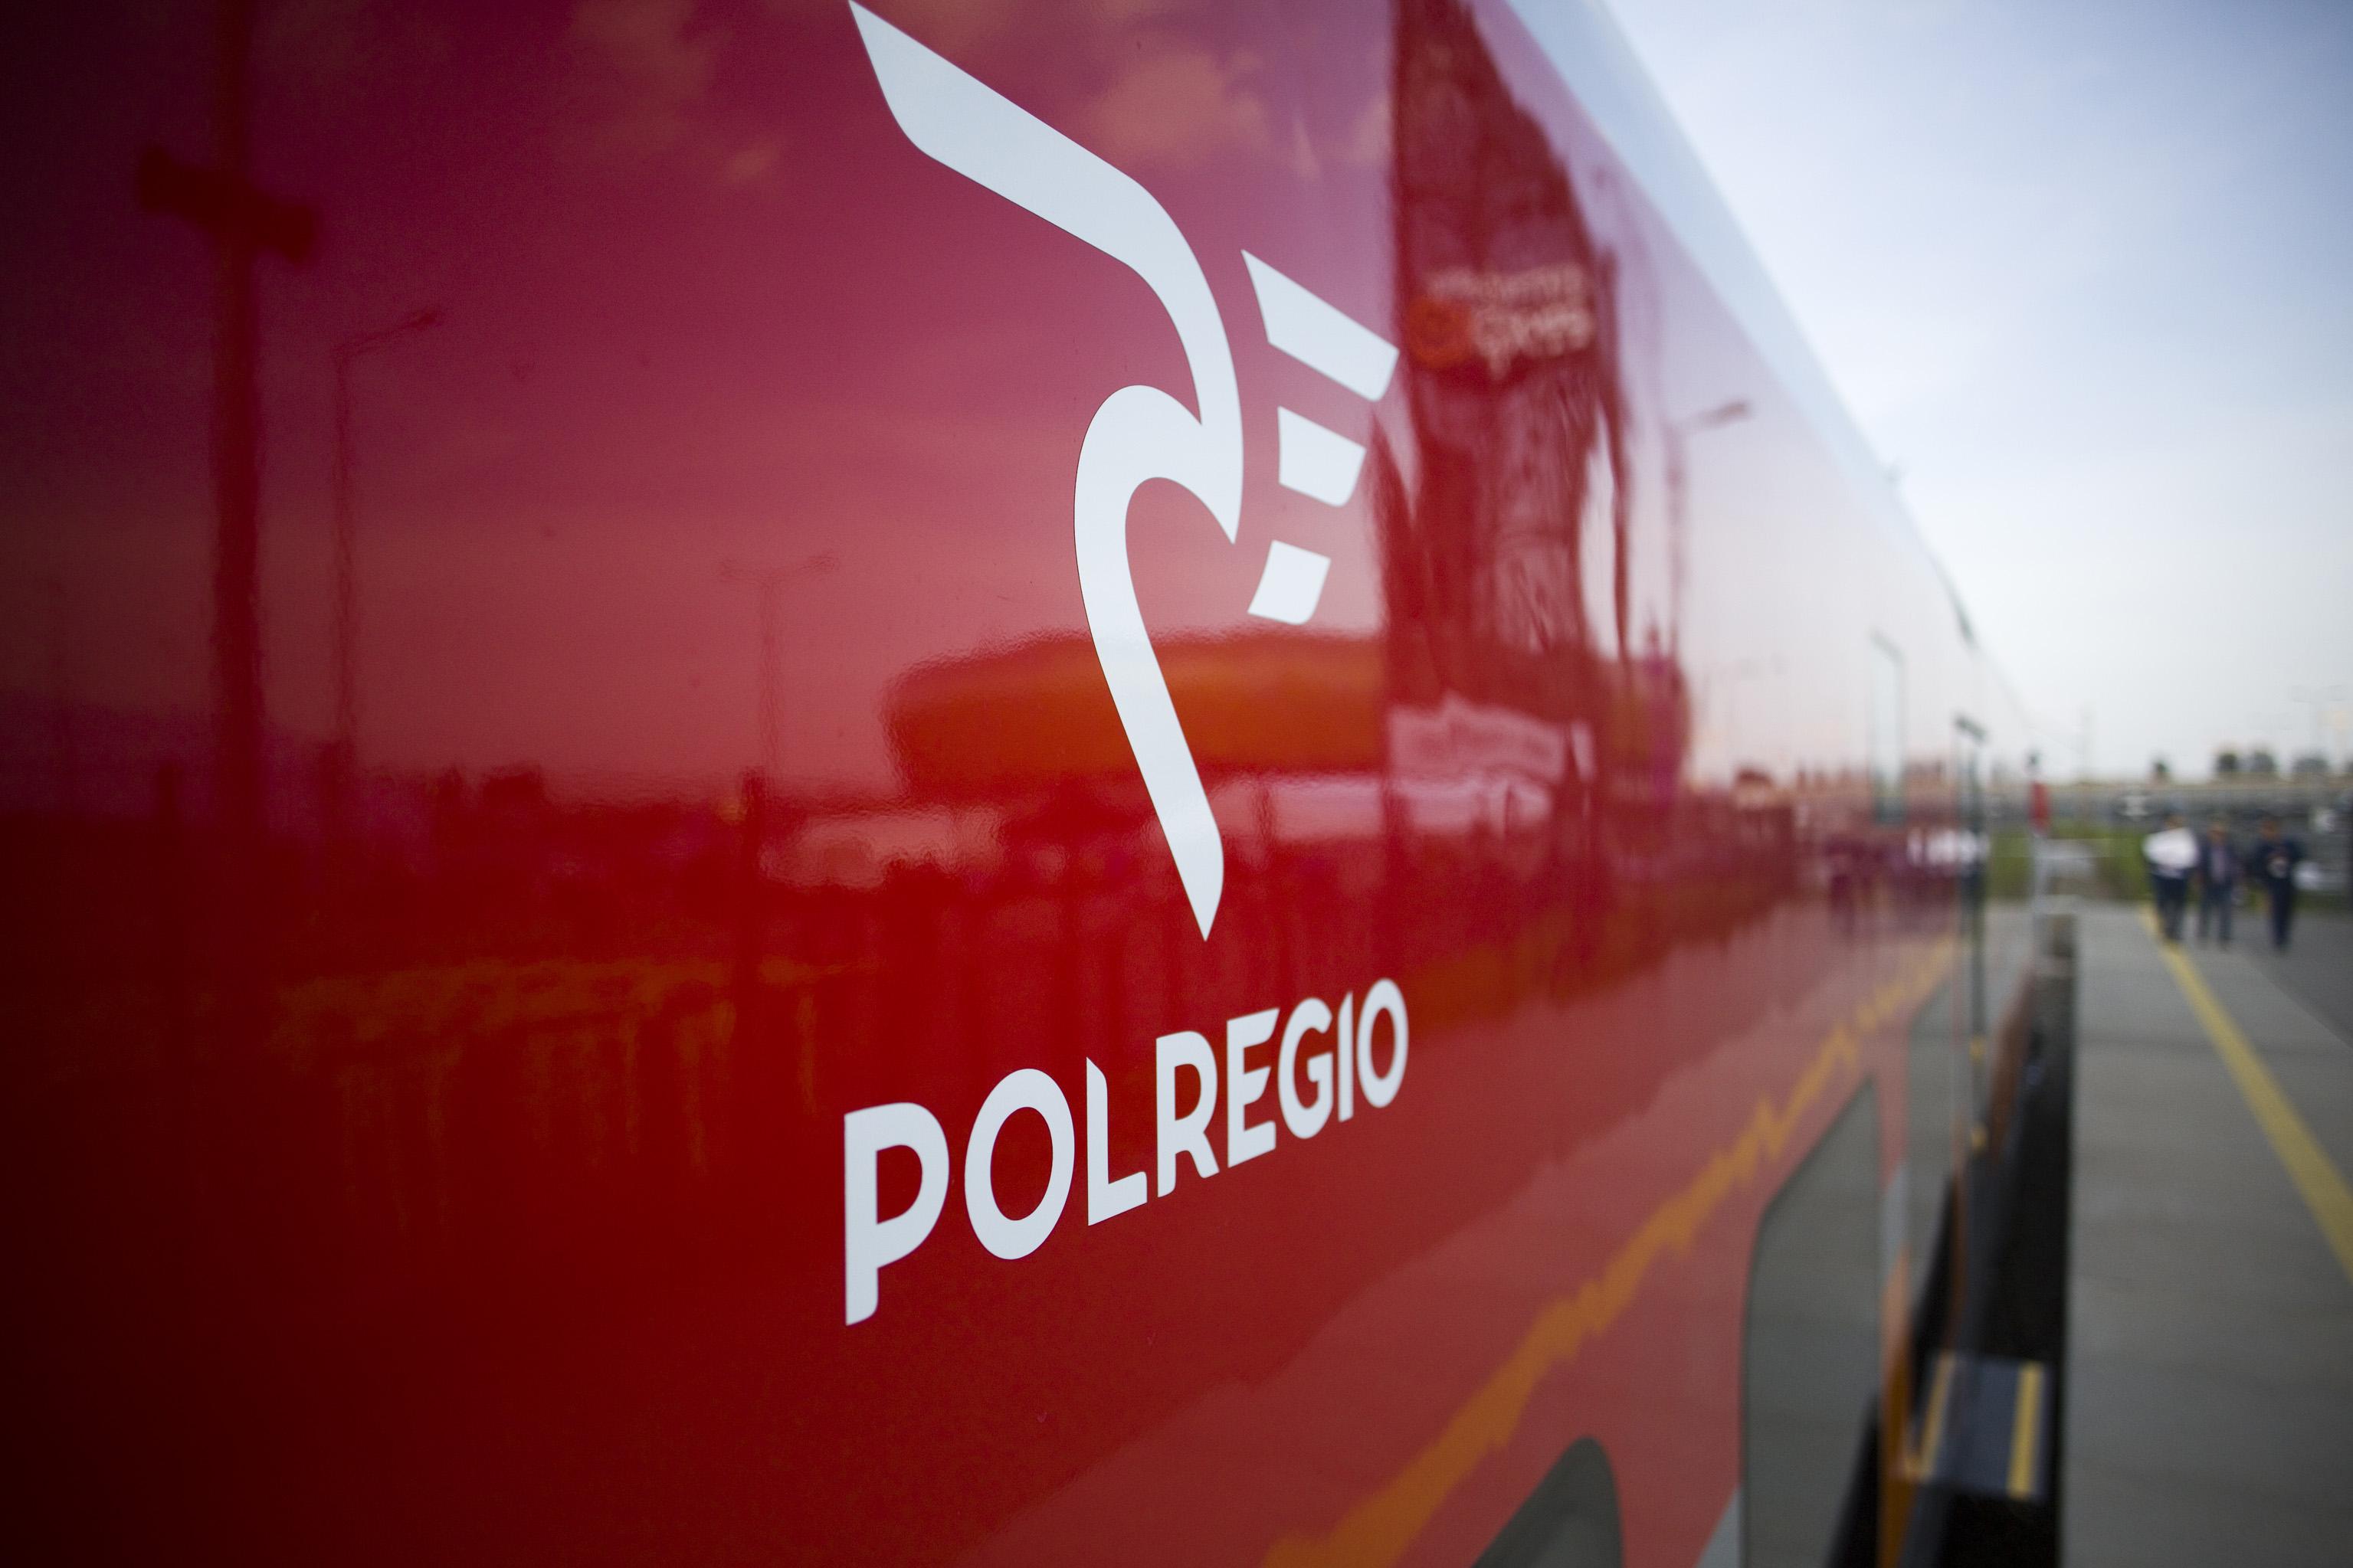 Bilety okresowe na pociągi POLREGIO kupimy przez KOLEO